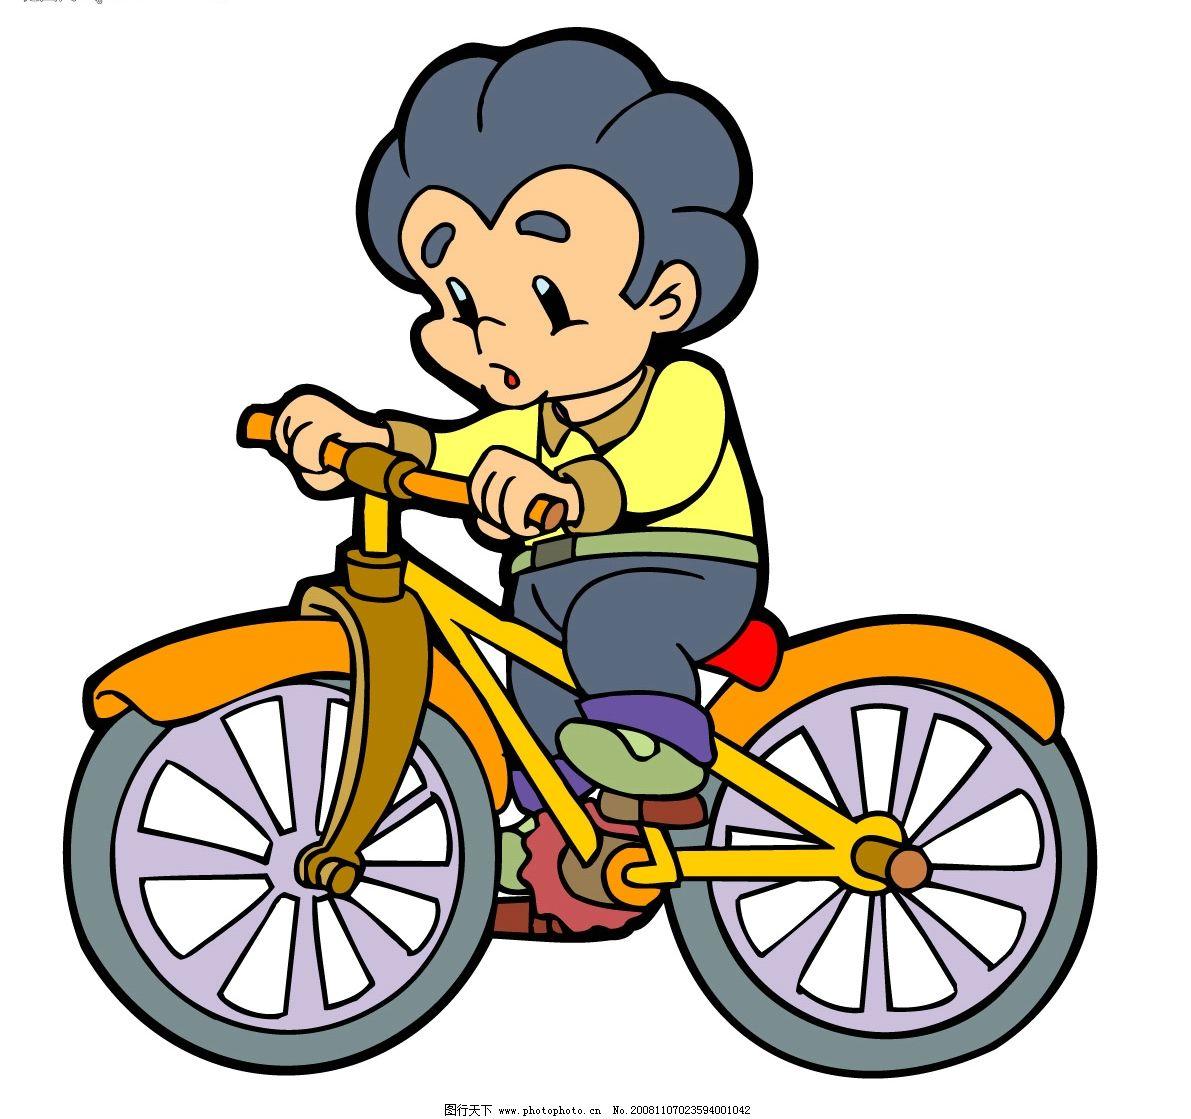 儿童踩单车 童真 矢量人物 插画 小孩 矢量图库